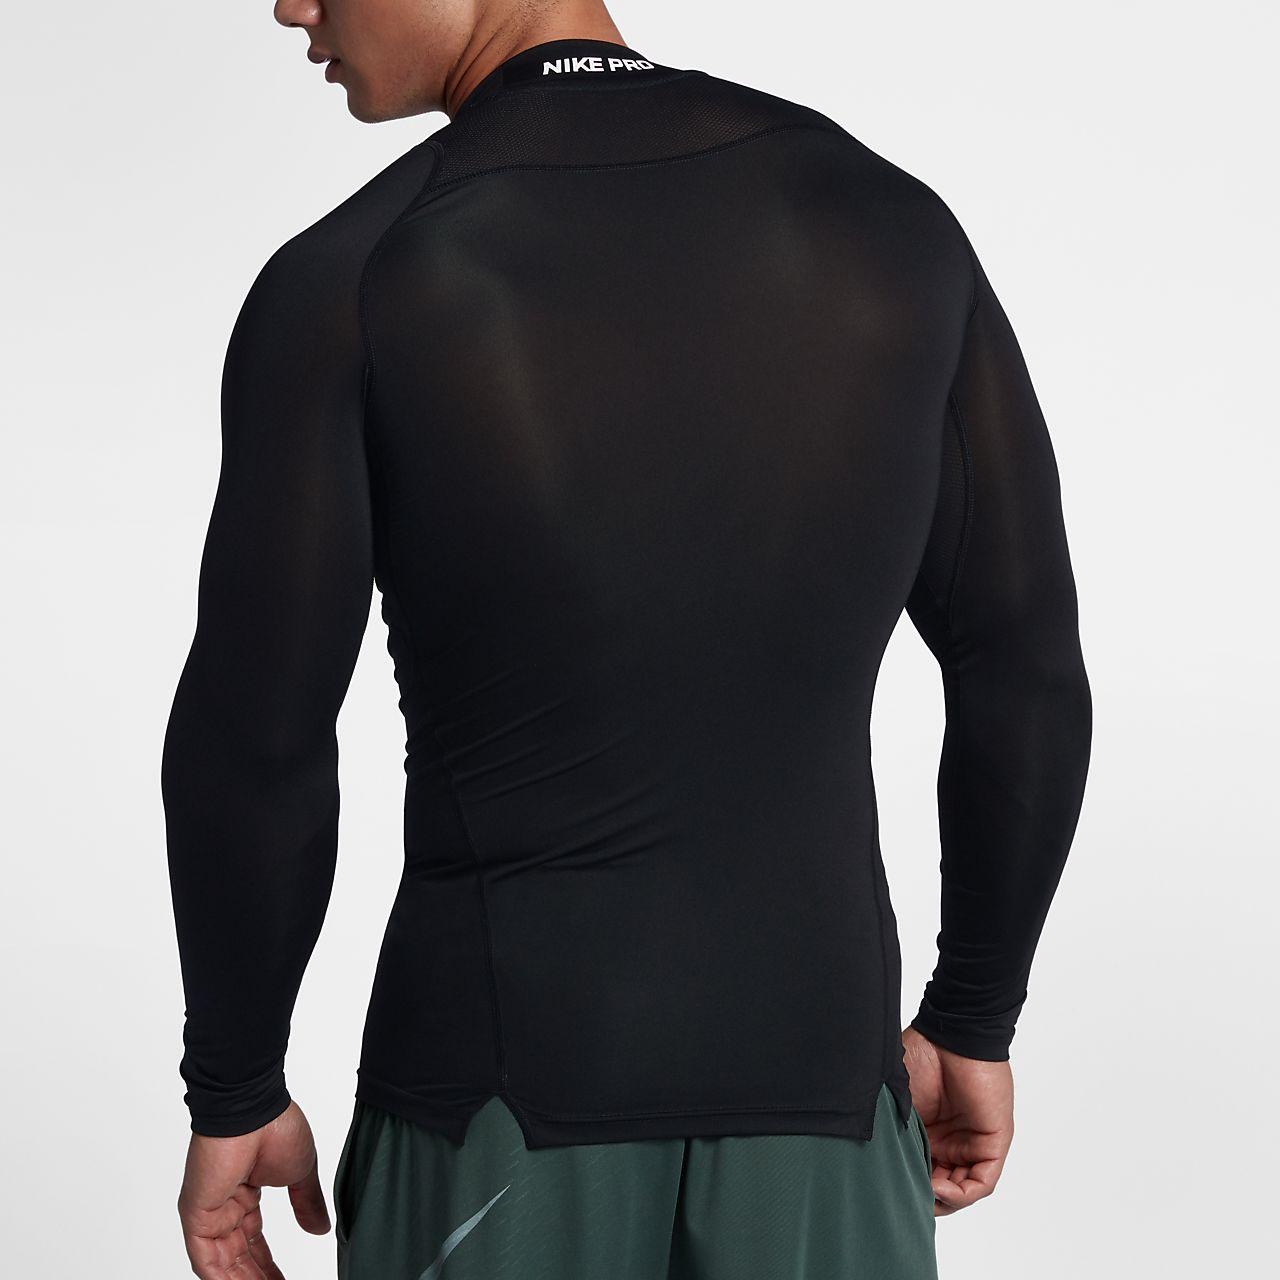 378fd235d7 Camisola de treino de manga comprida Nike Pro para homem. Nike.com PT